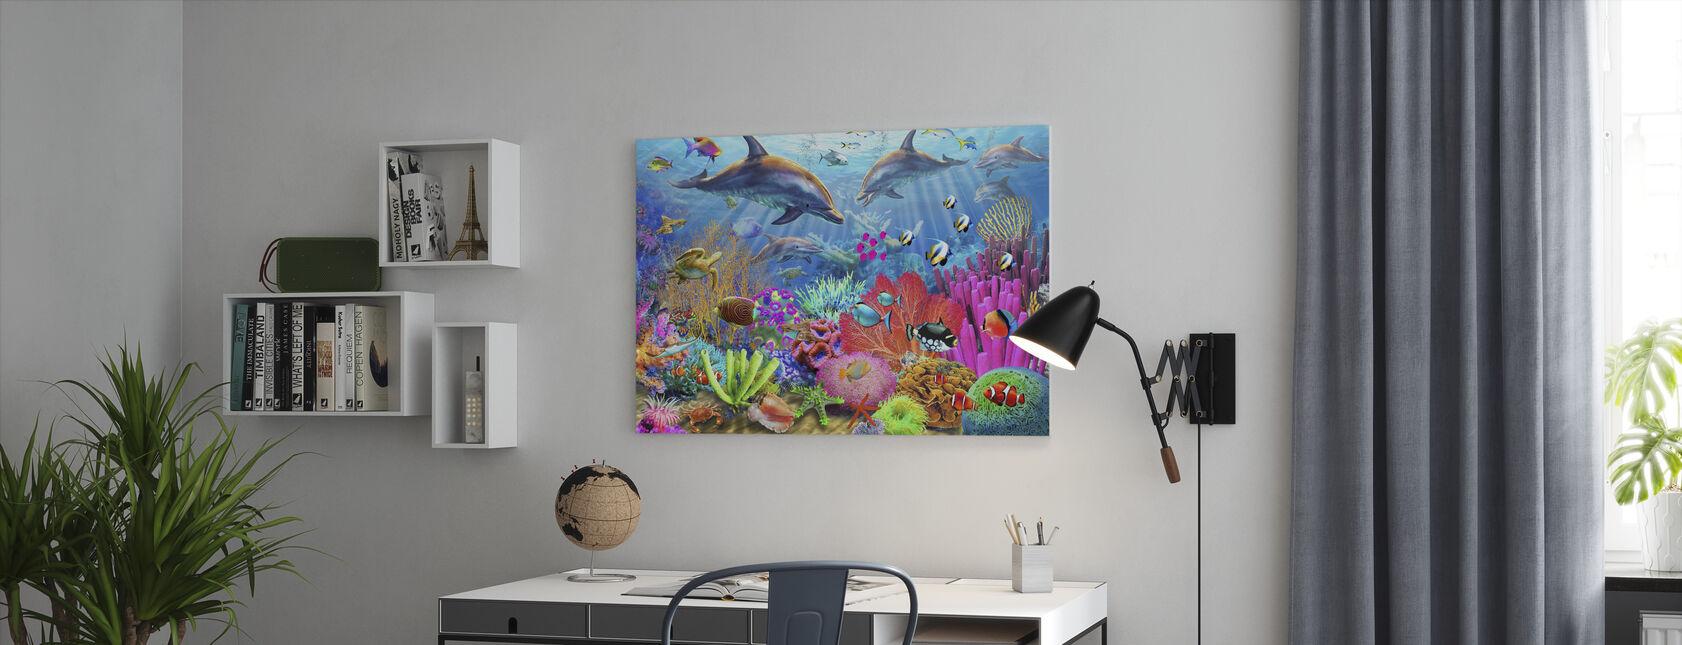 Dolfijn Koraalrif - Canvas print - Kantoor